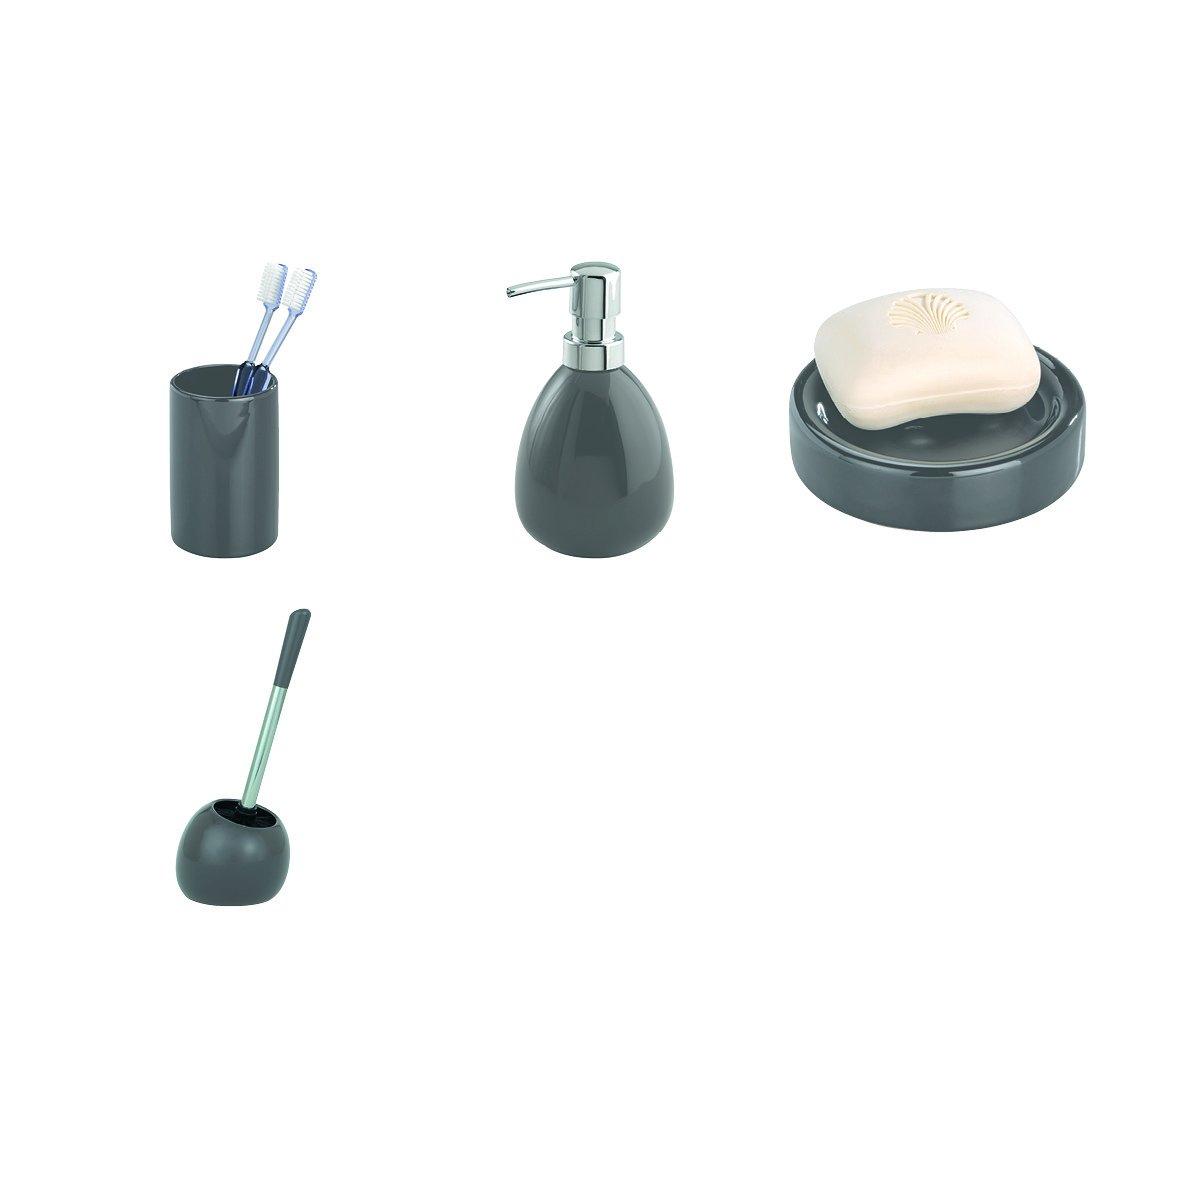 26 x 2.6 x 10 cm Badablage Grau WENKO 22003100 Ablage Polaris Grau Keramik